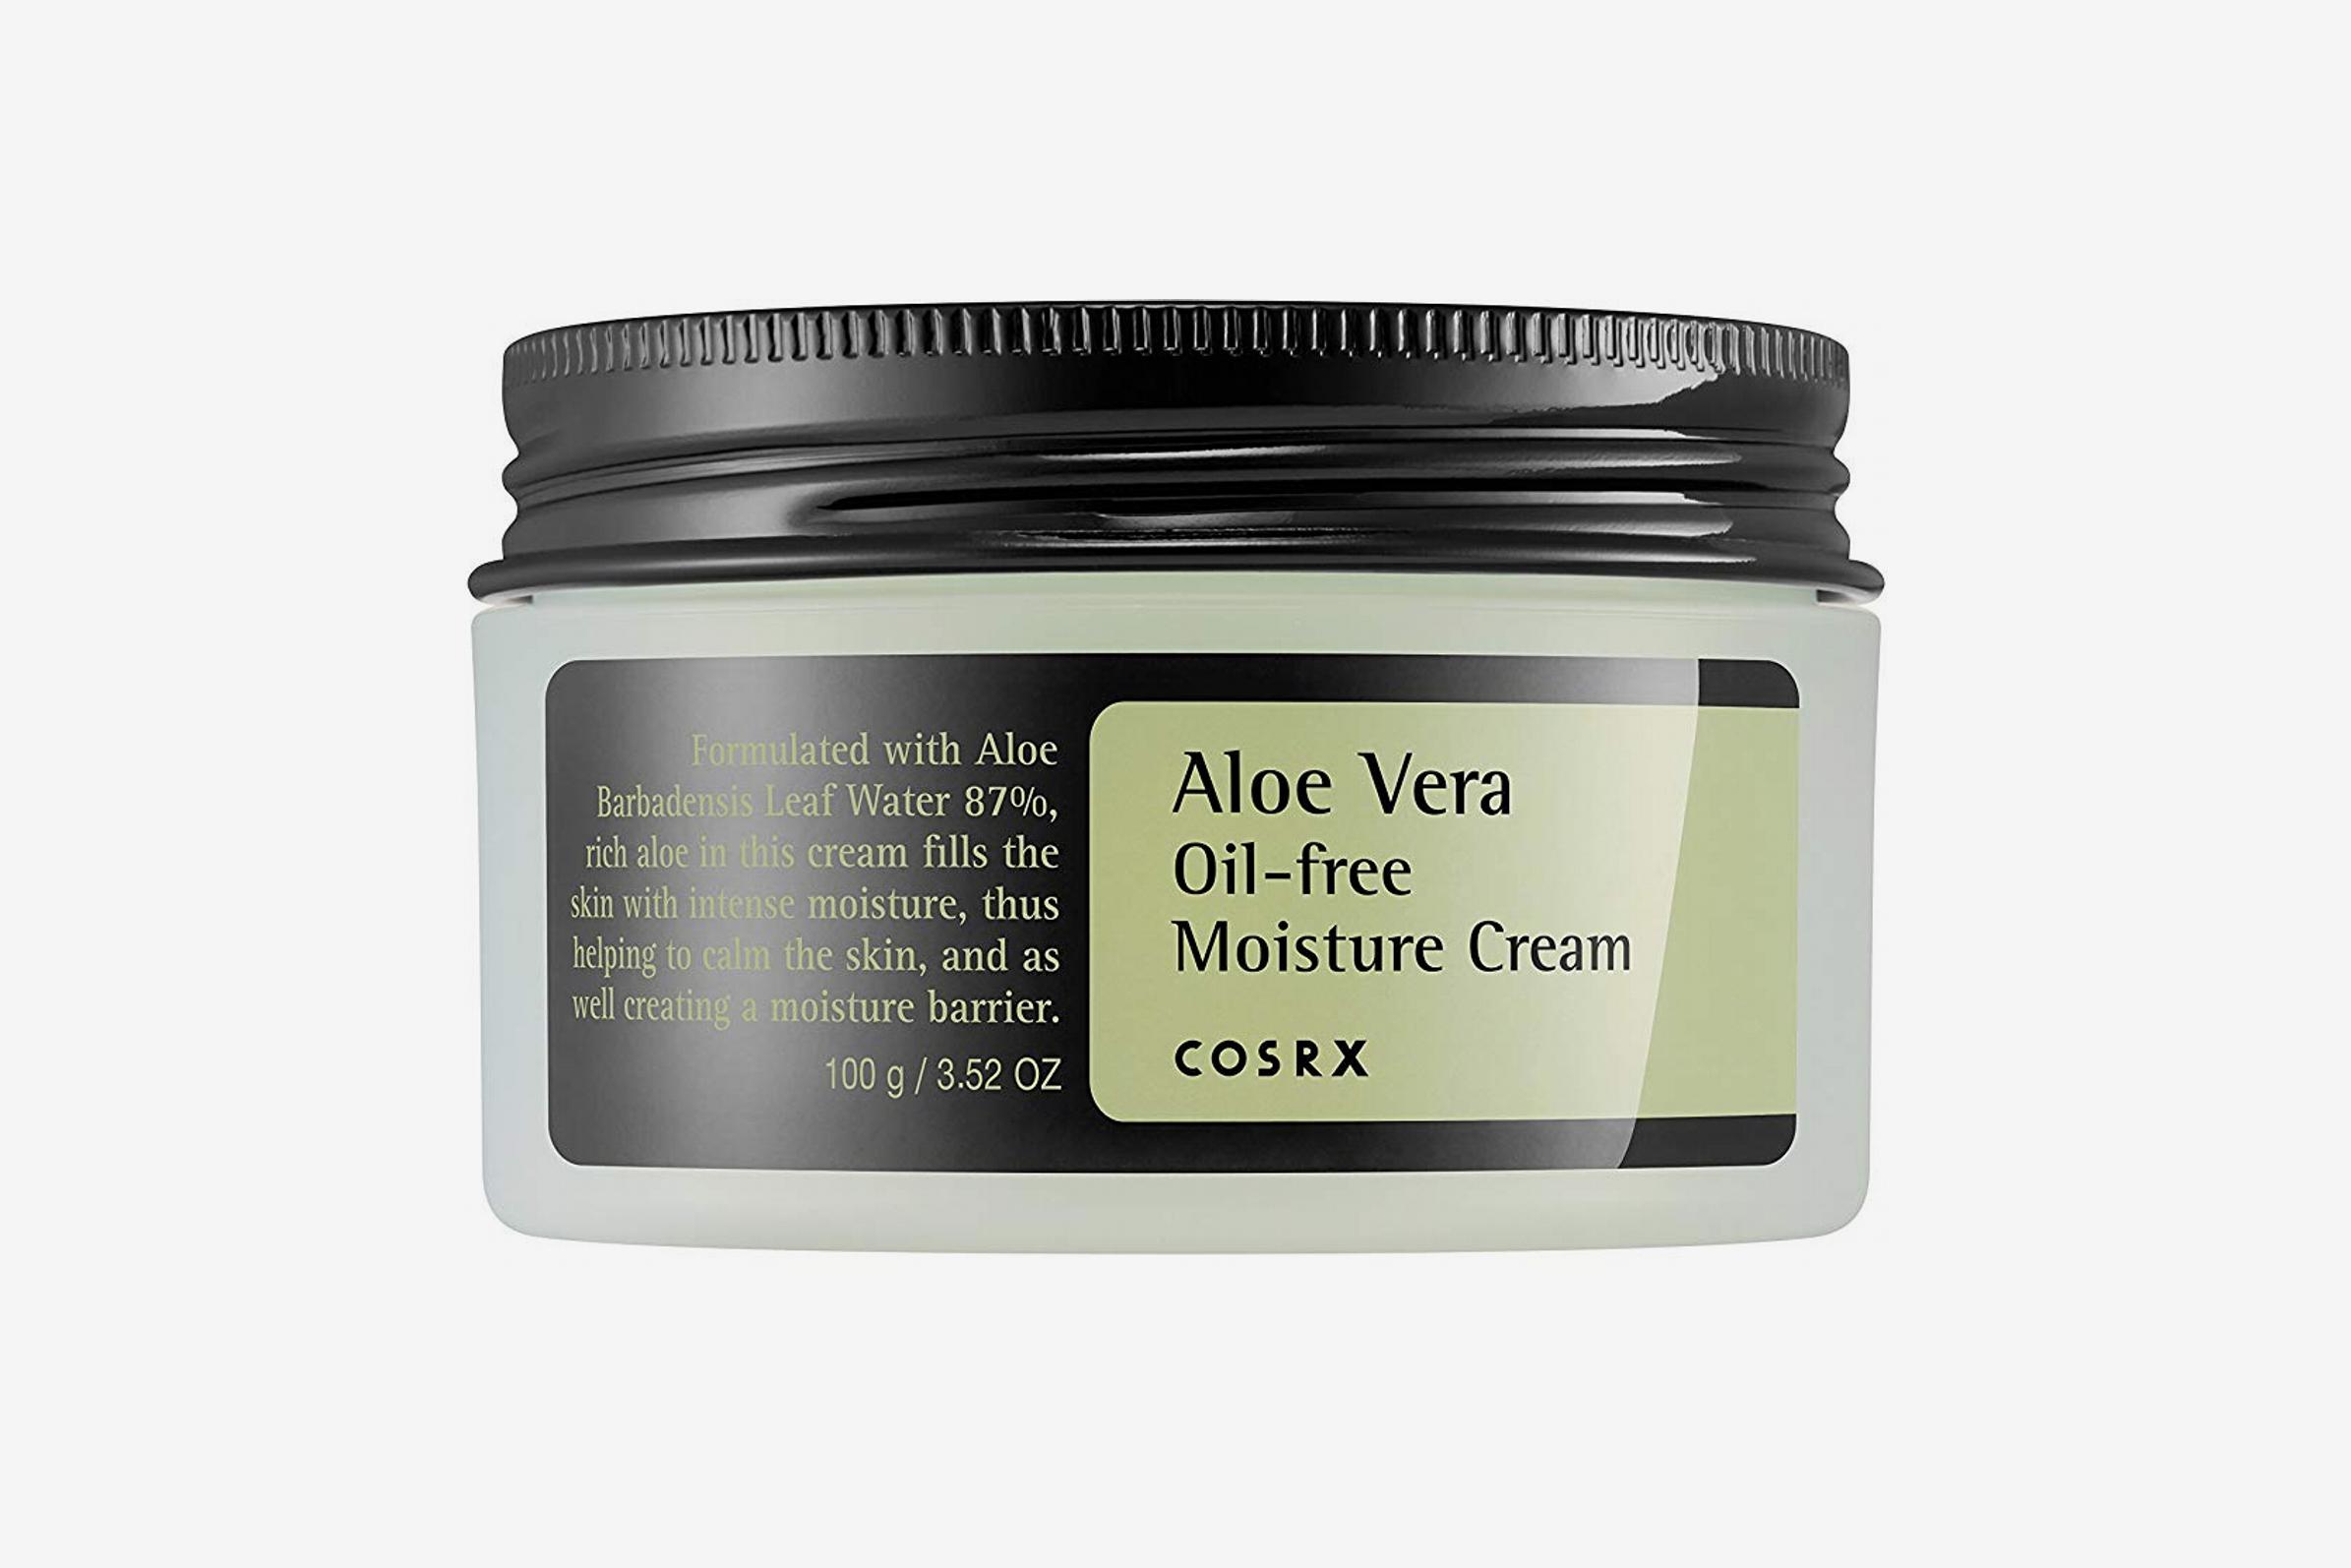 Coxrx Aloe Vera Moisture Cream